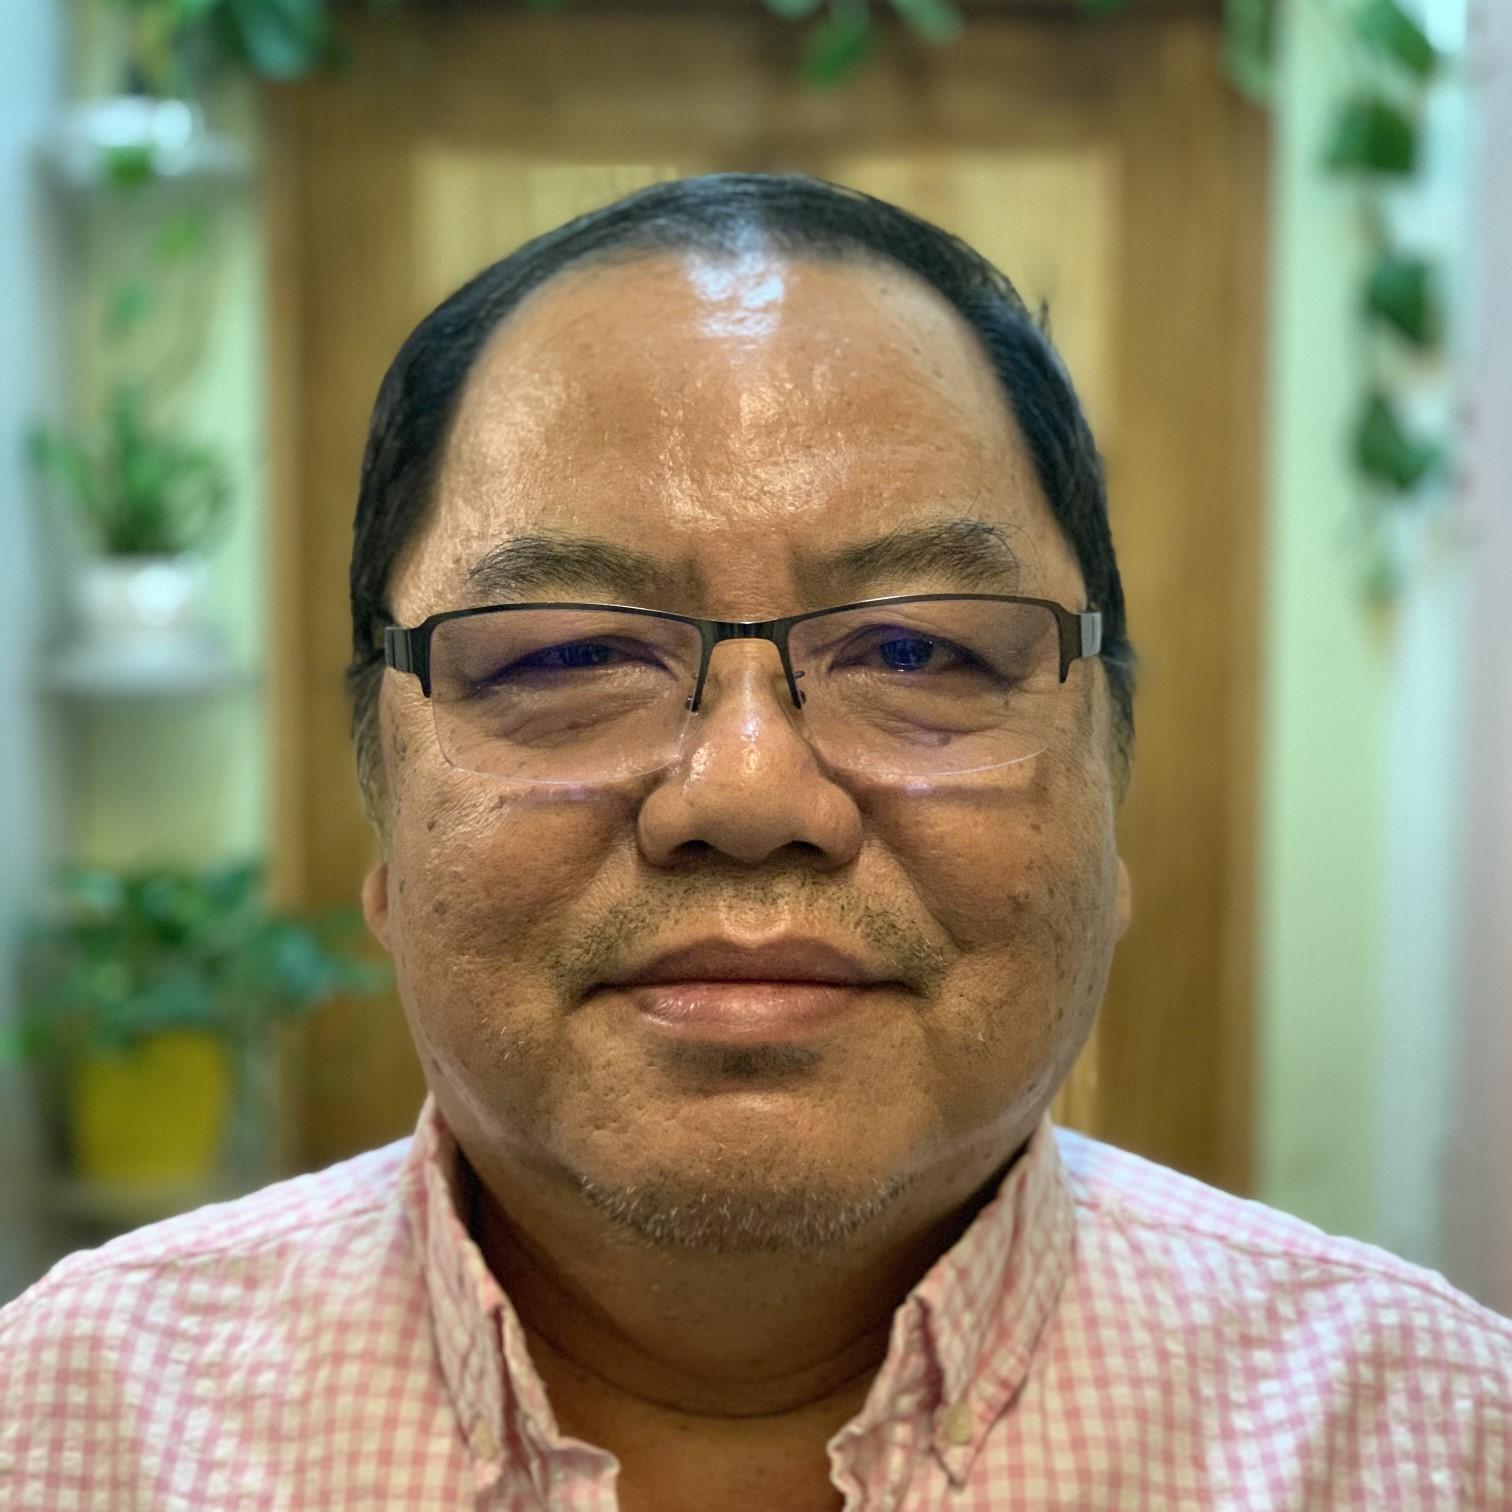 Asher Chong